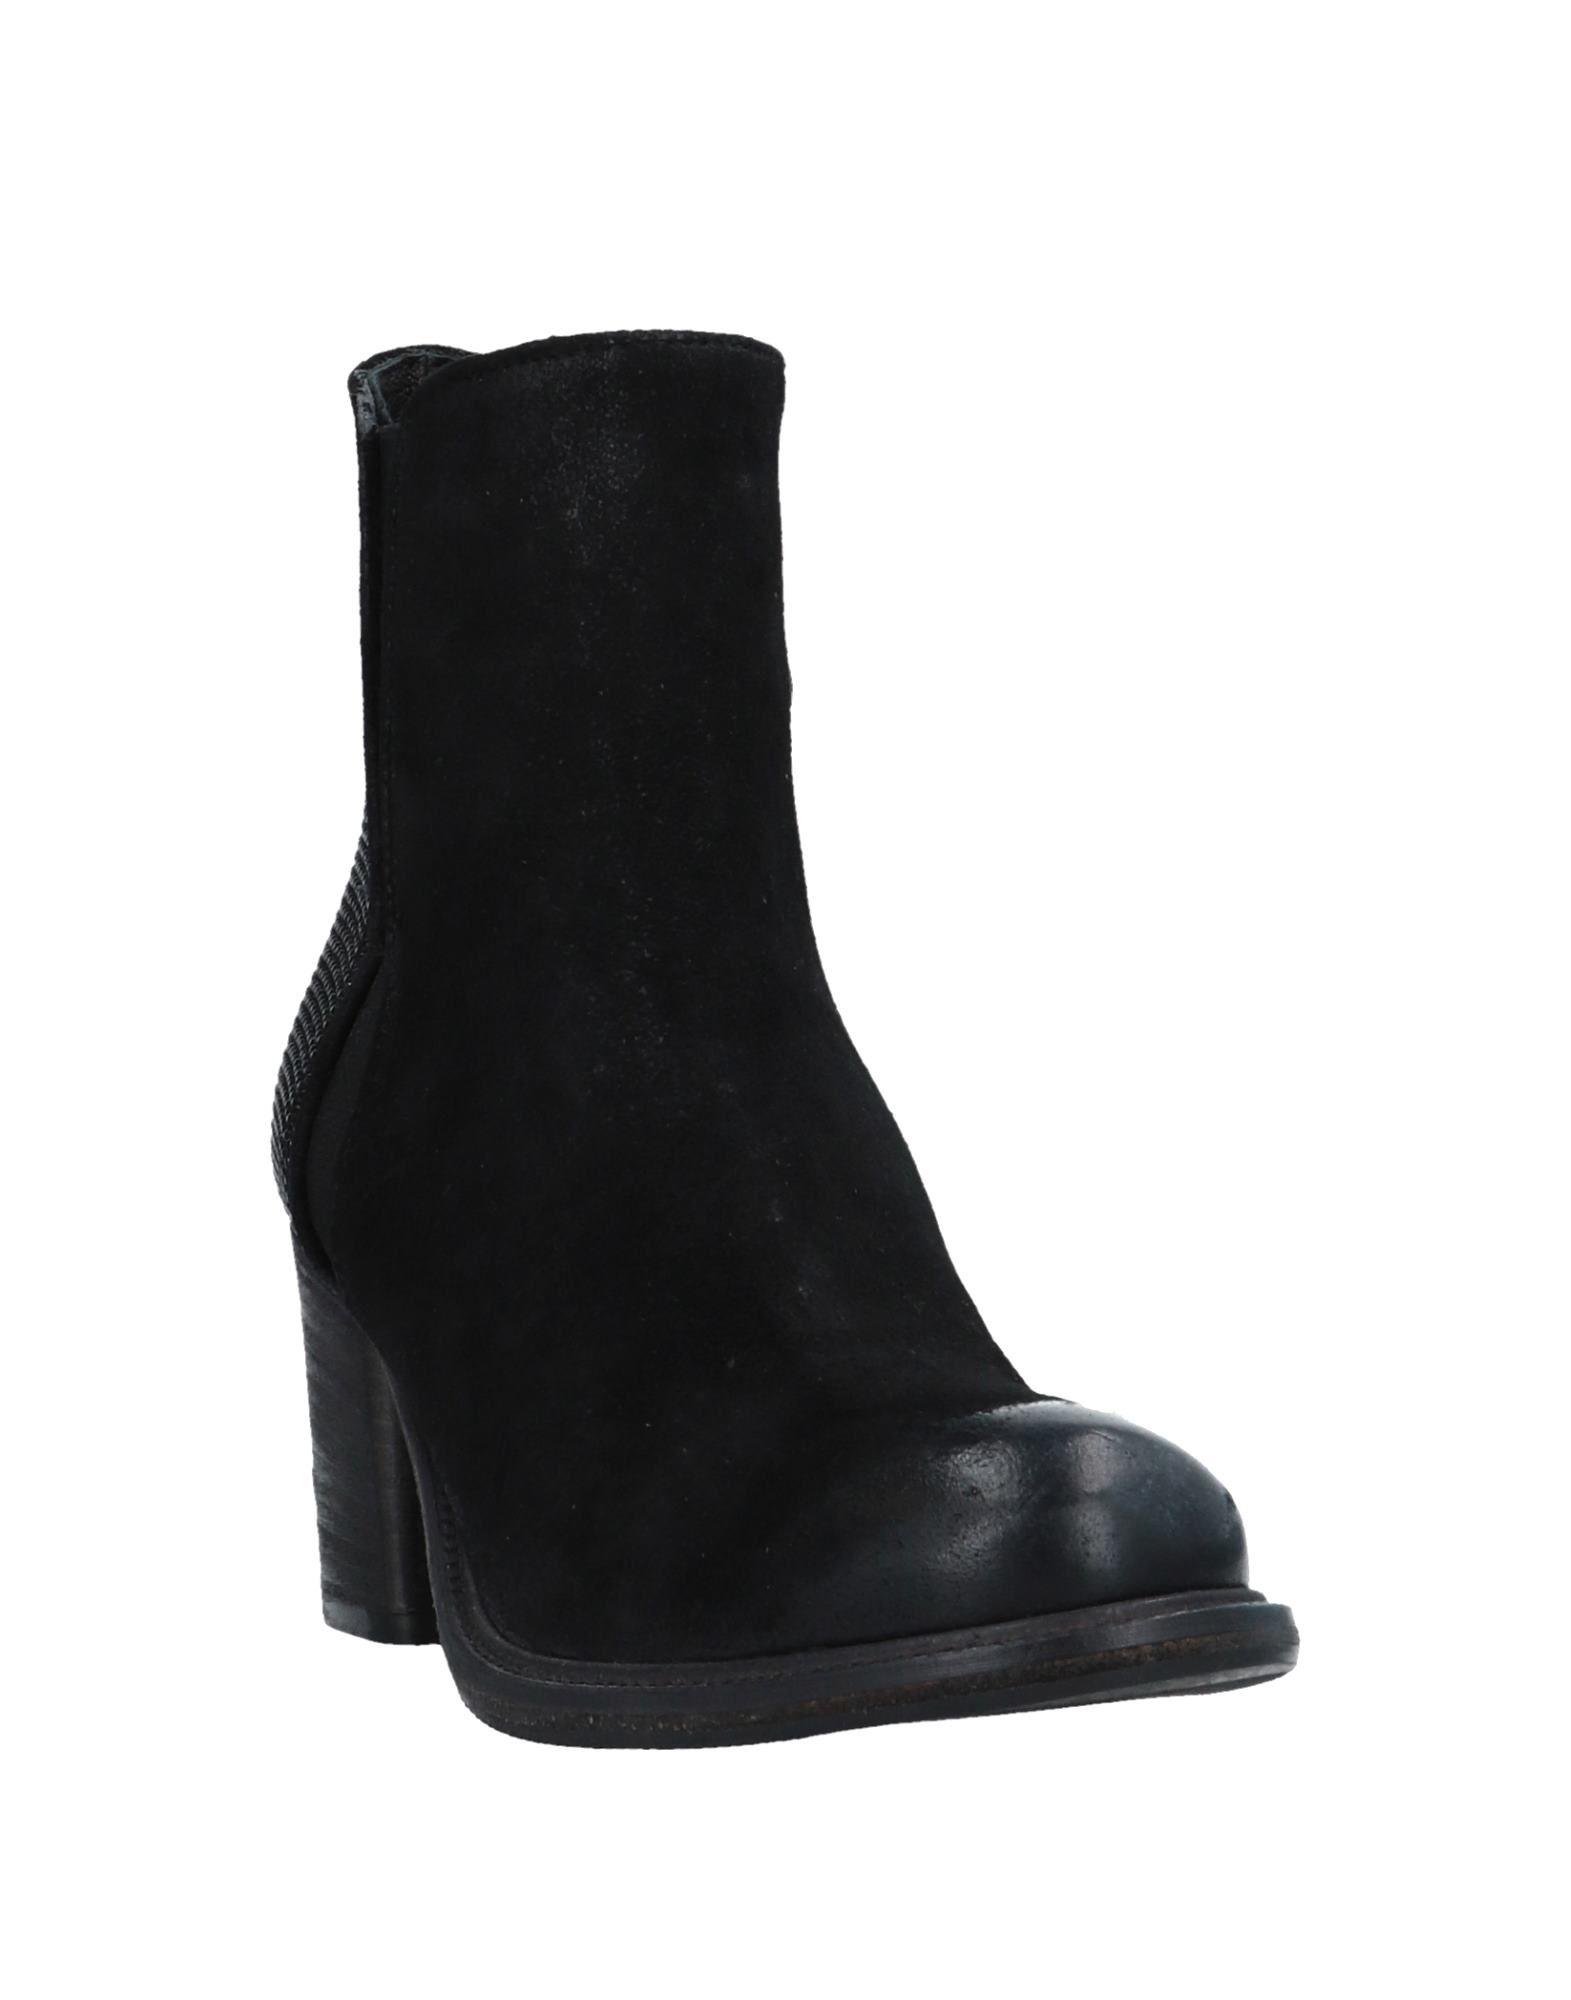 J D Gute Julie Dee Stiefelette Damen  11539597WU Gute J D Qualität beliebte Schuhe 99a295